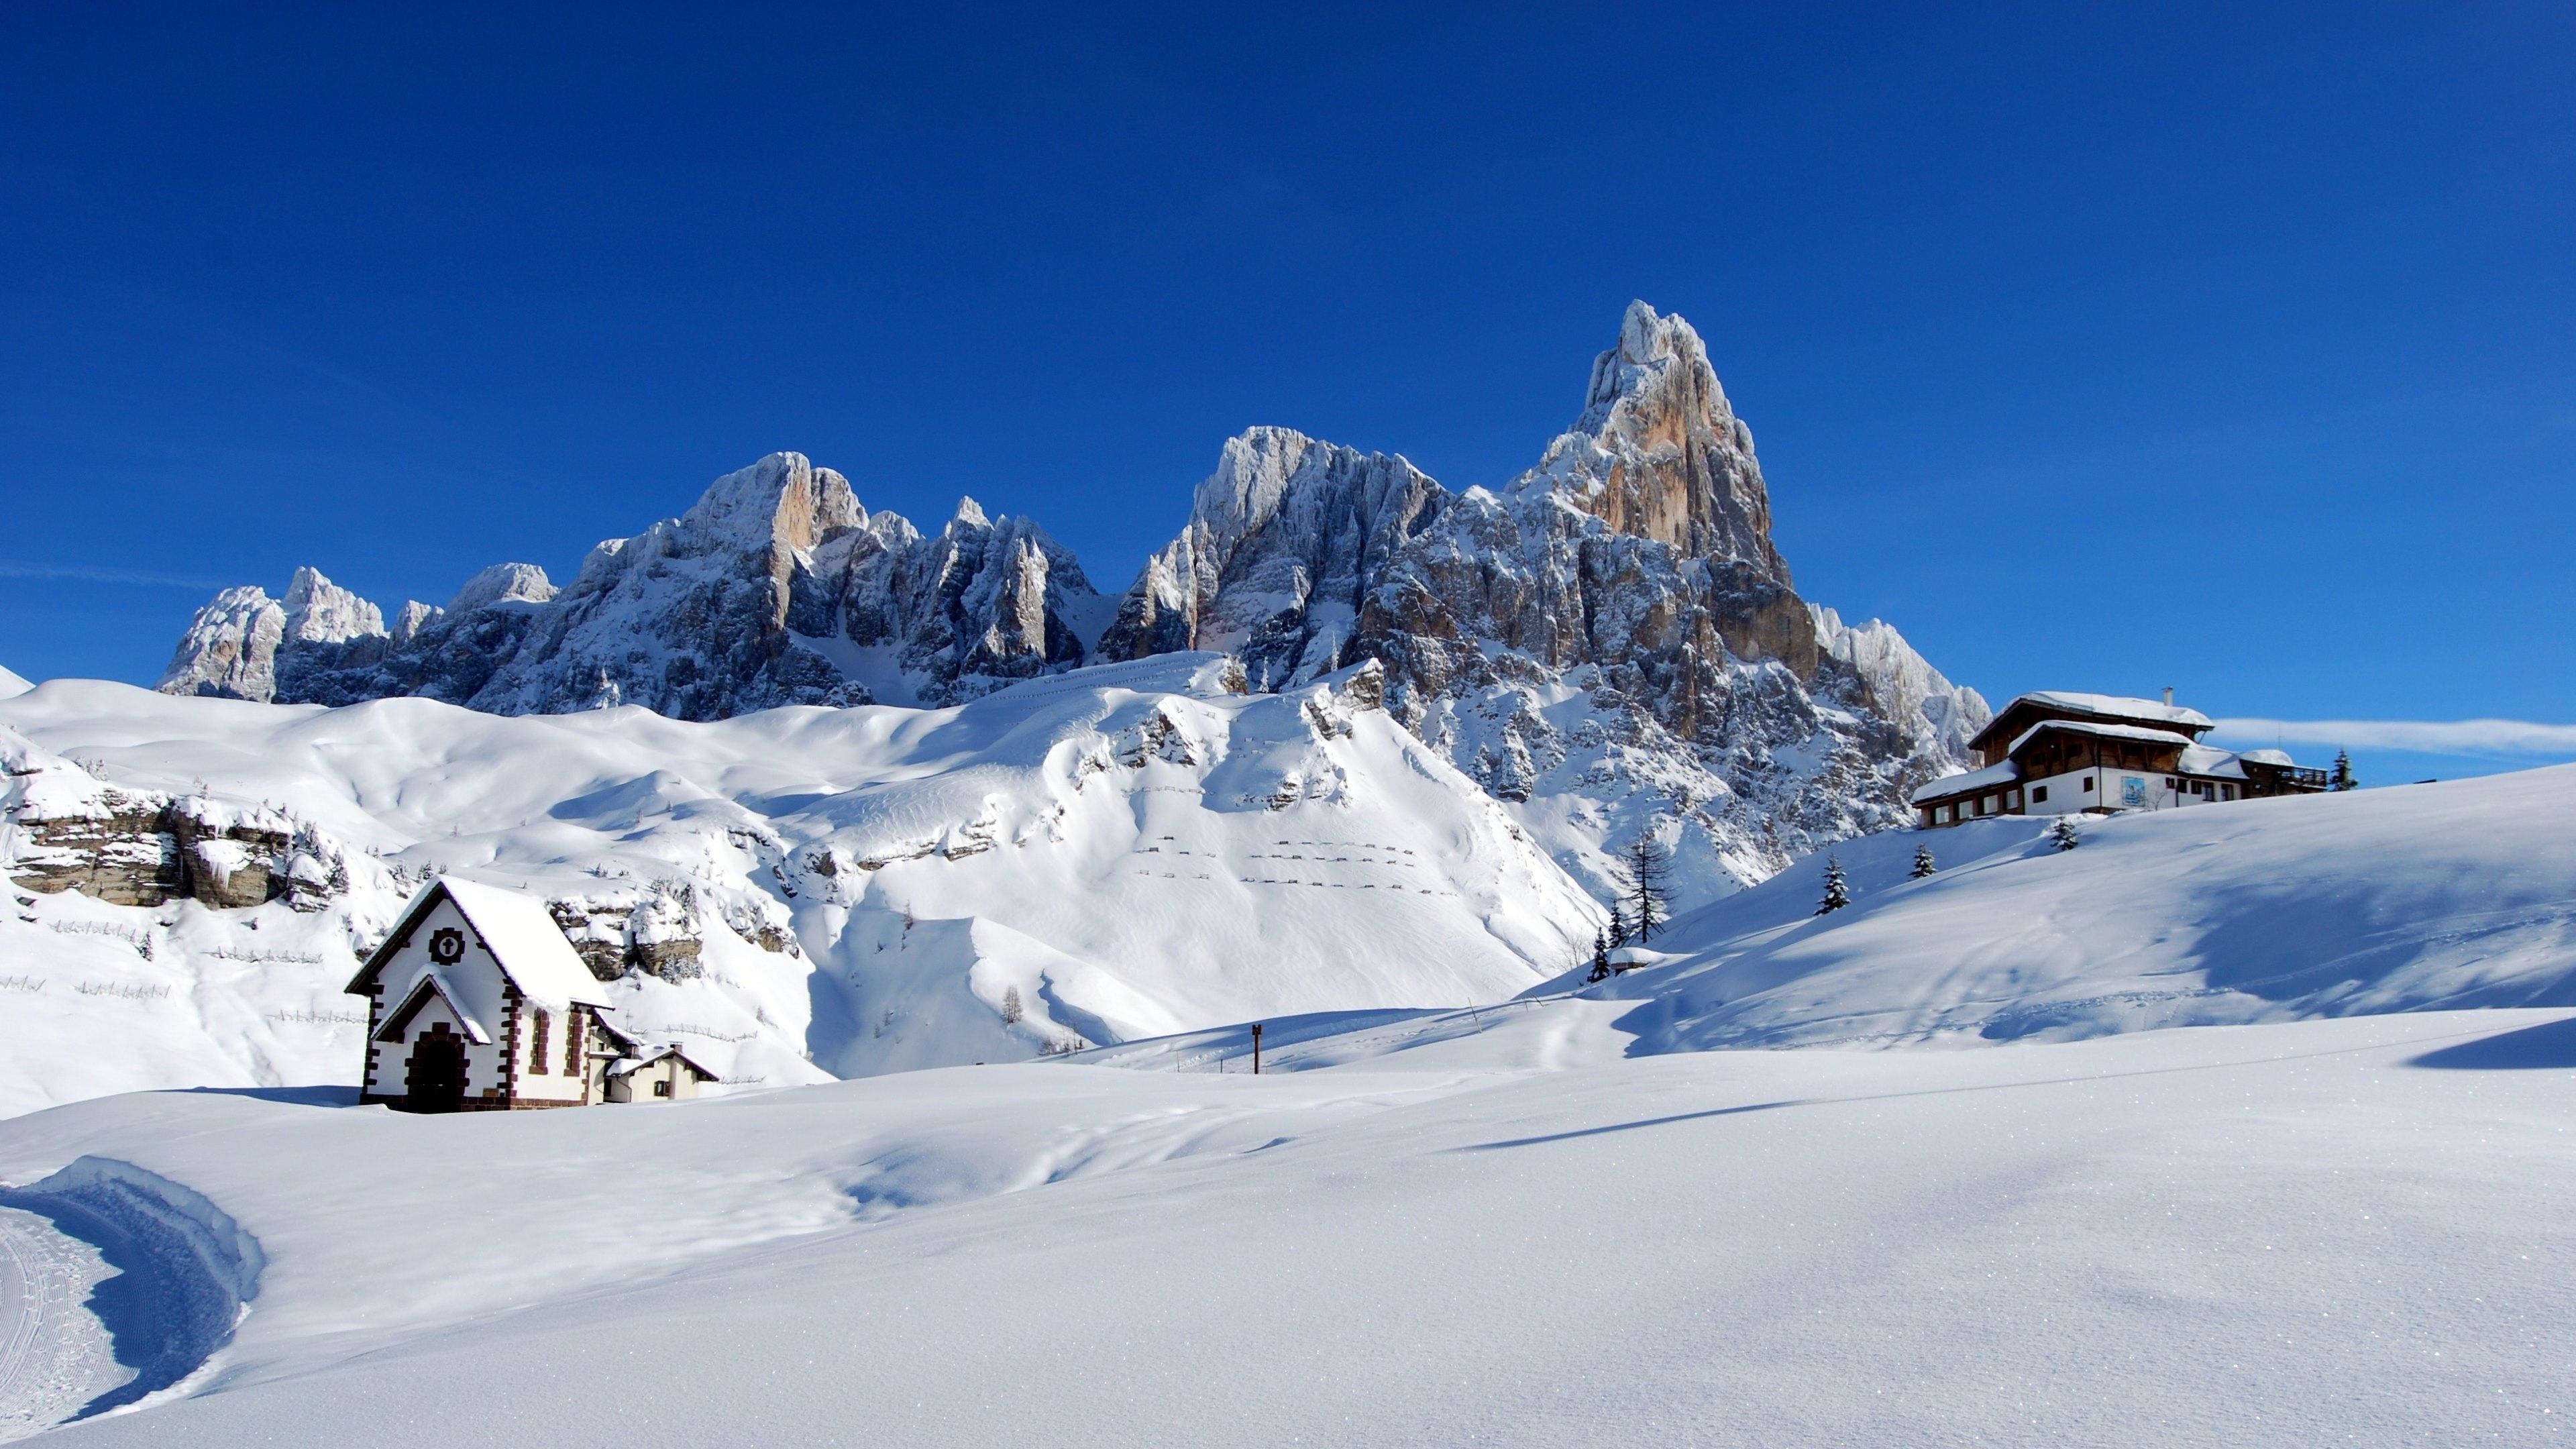 Снег на горных склонах  № 2944969 загрузить